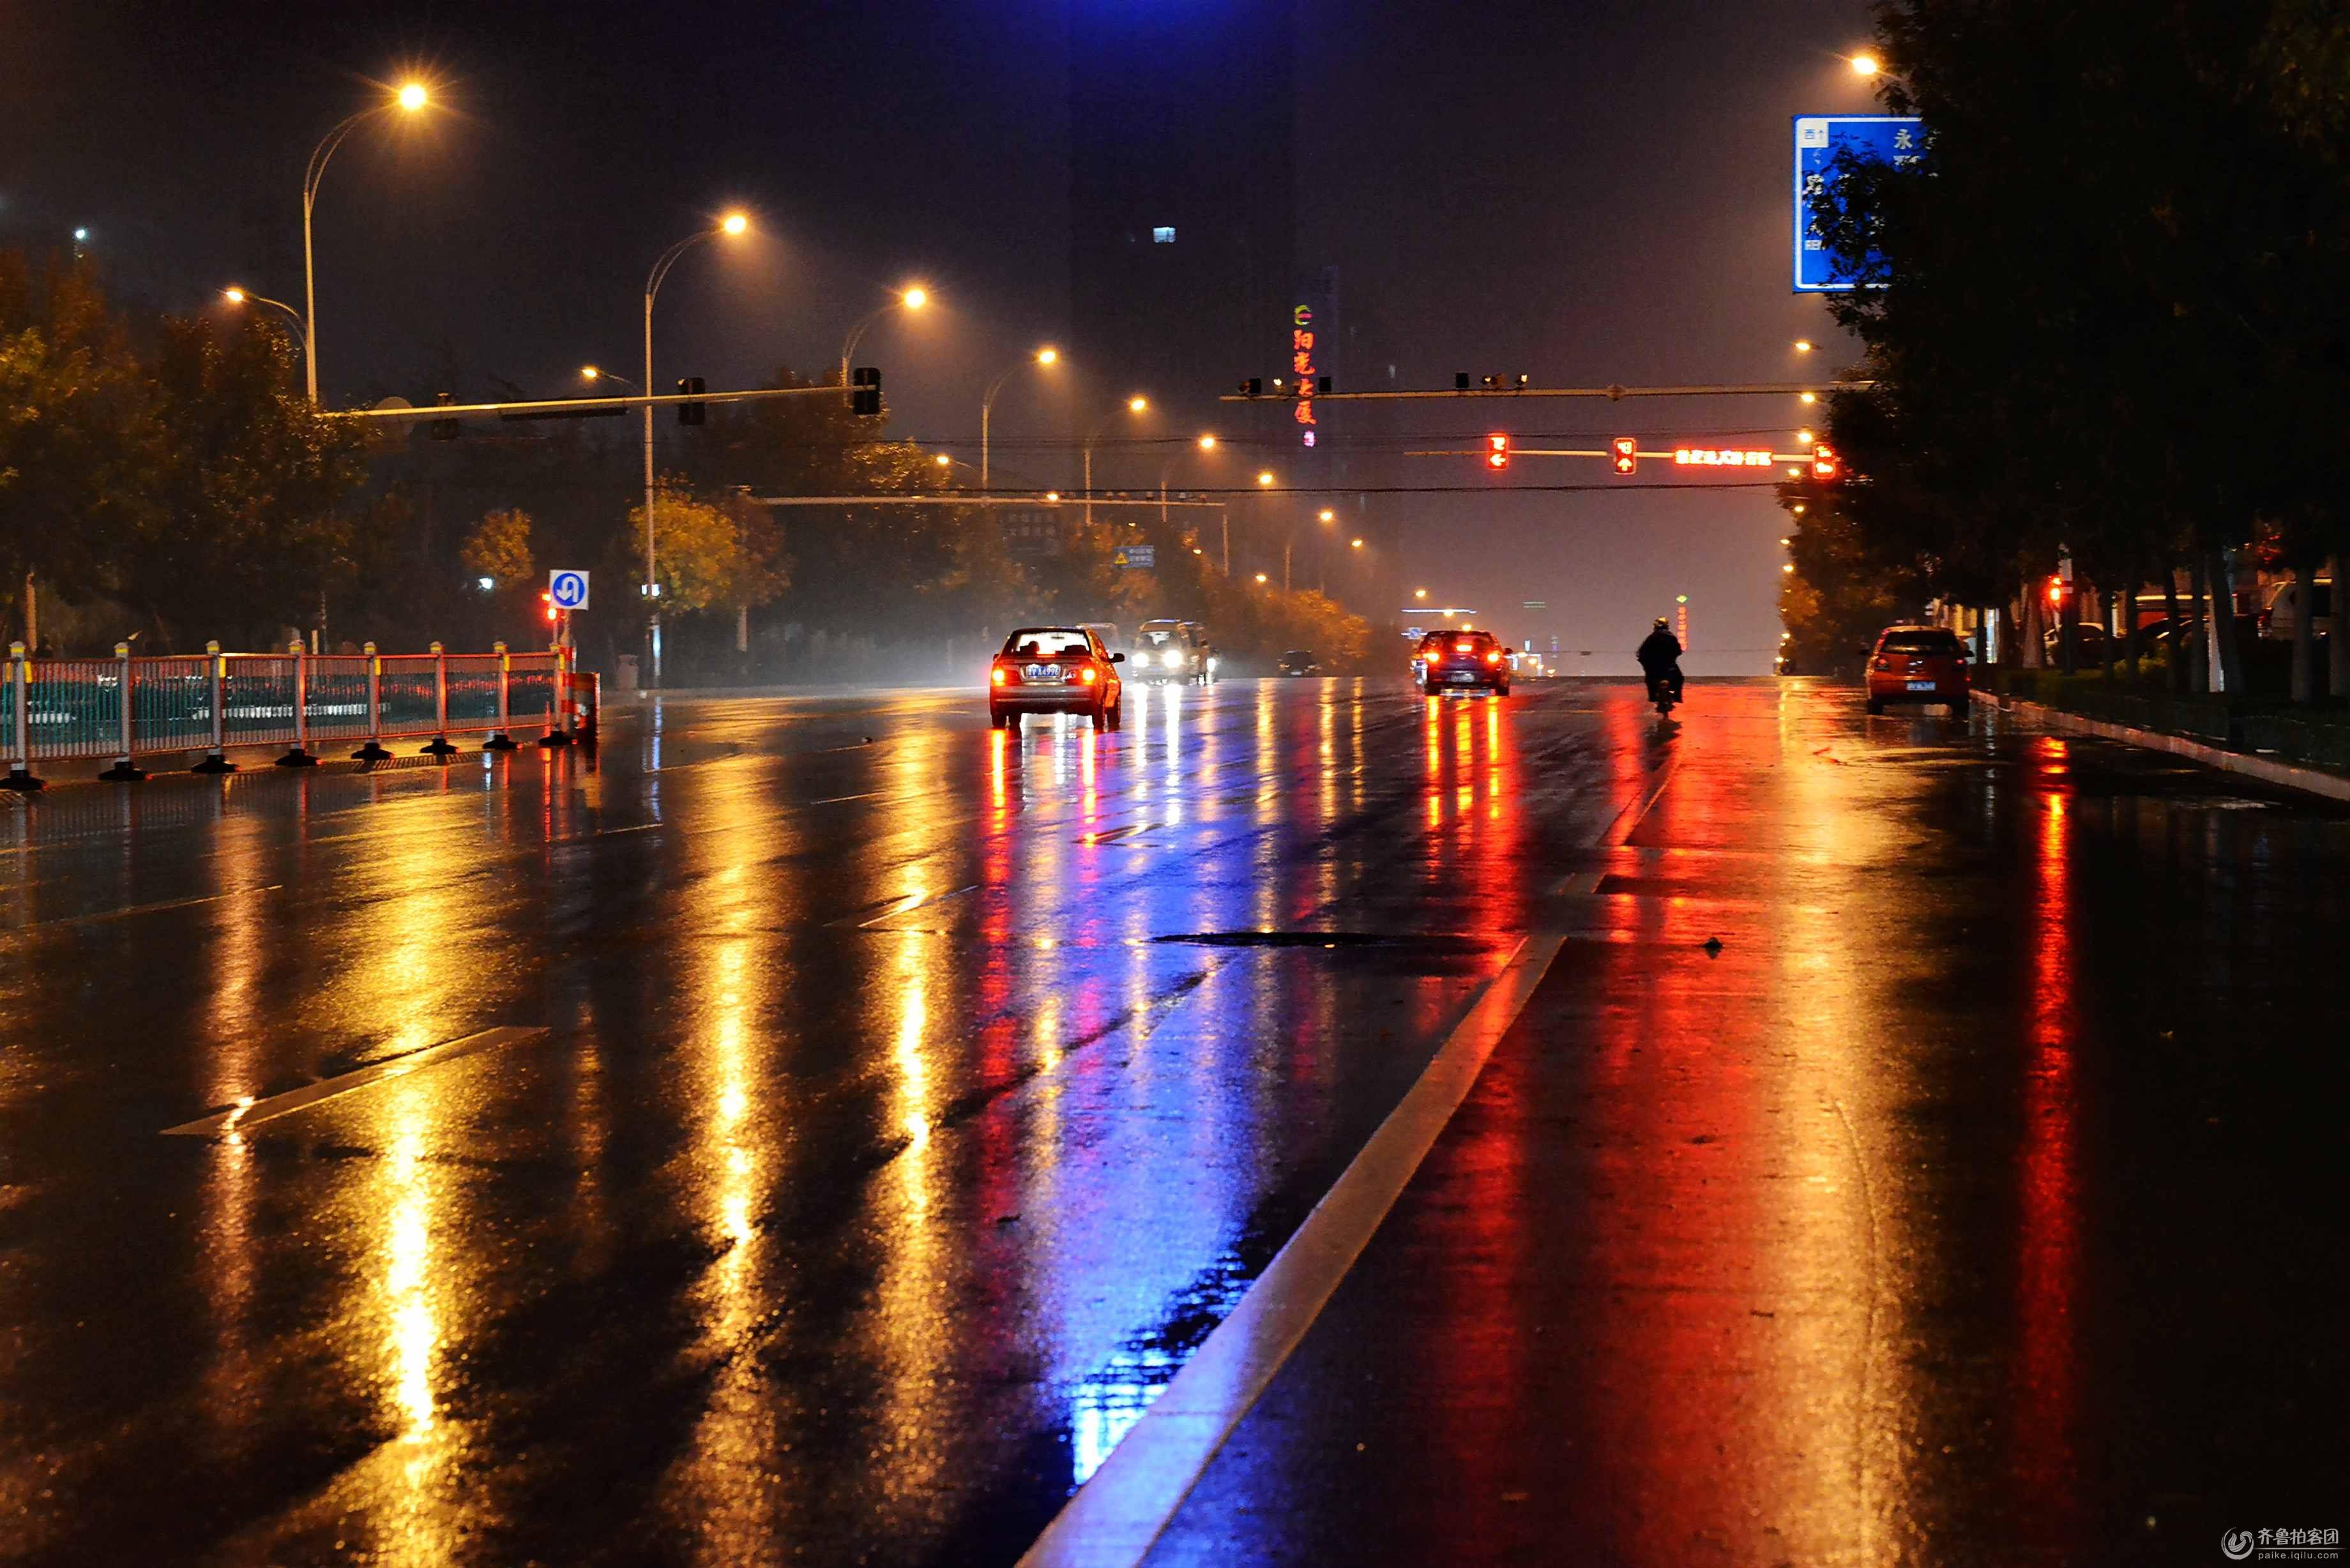 雨夜路灯下的街道欧式油画